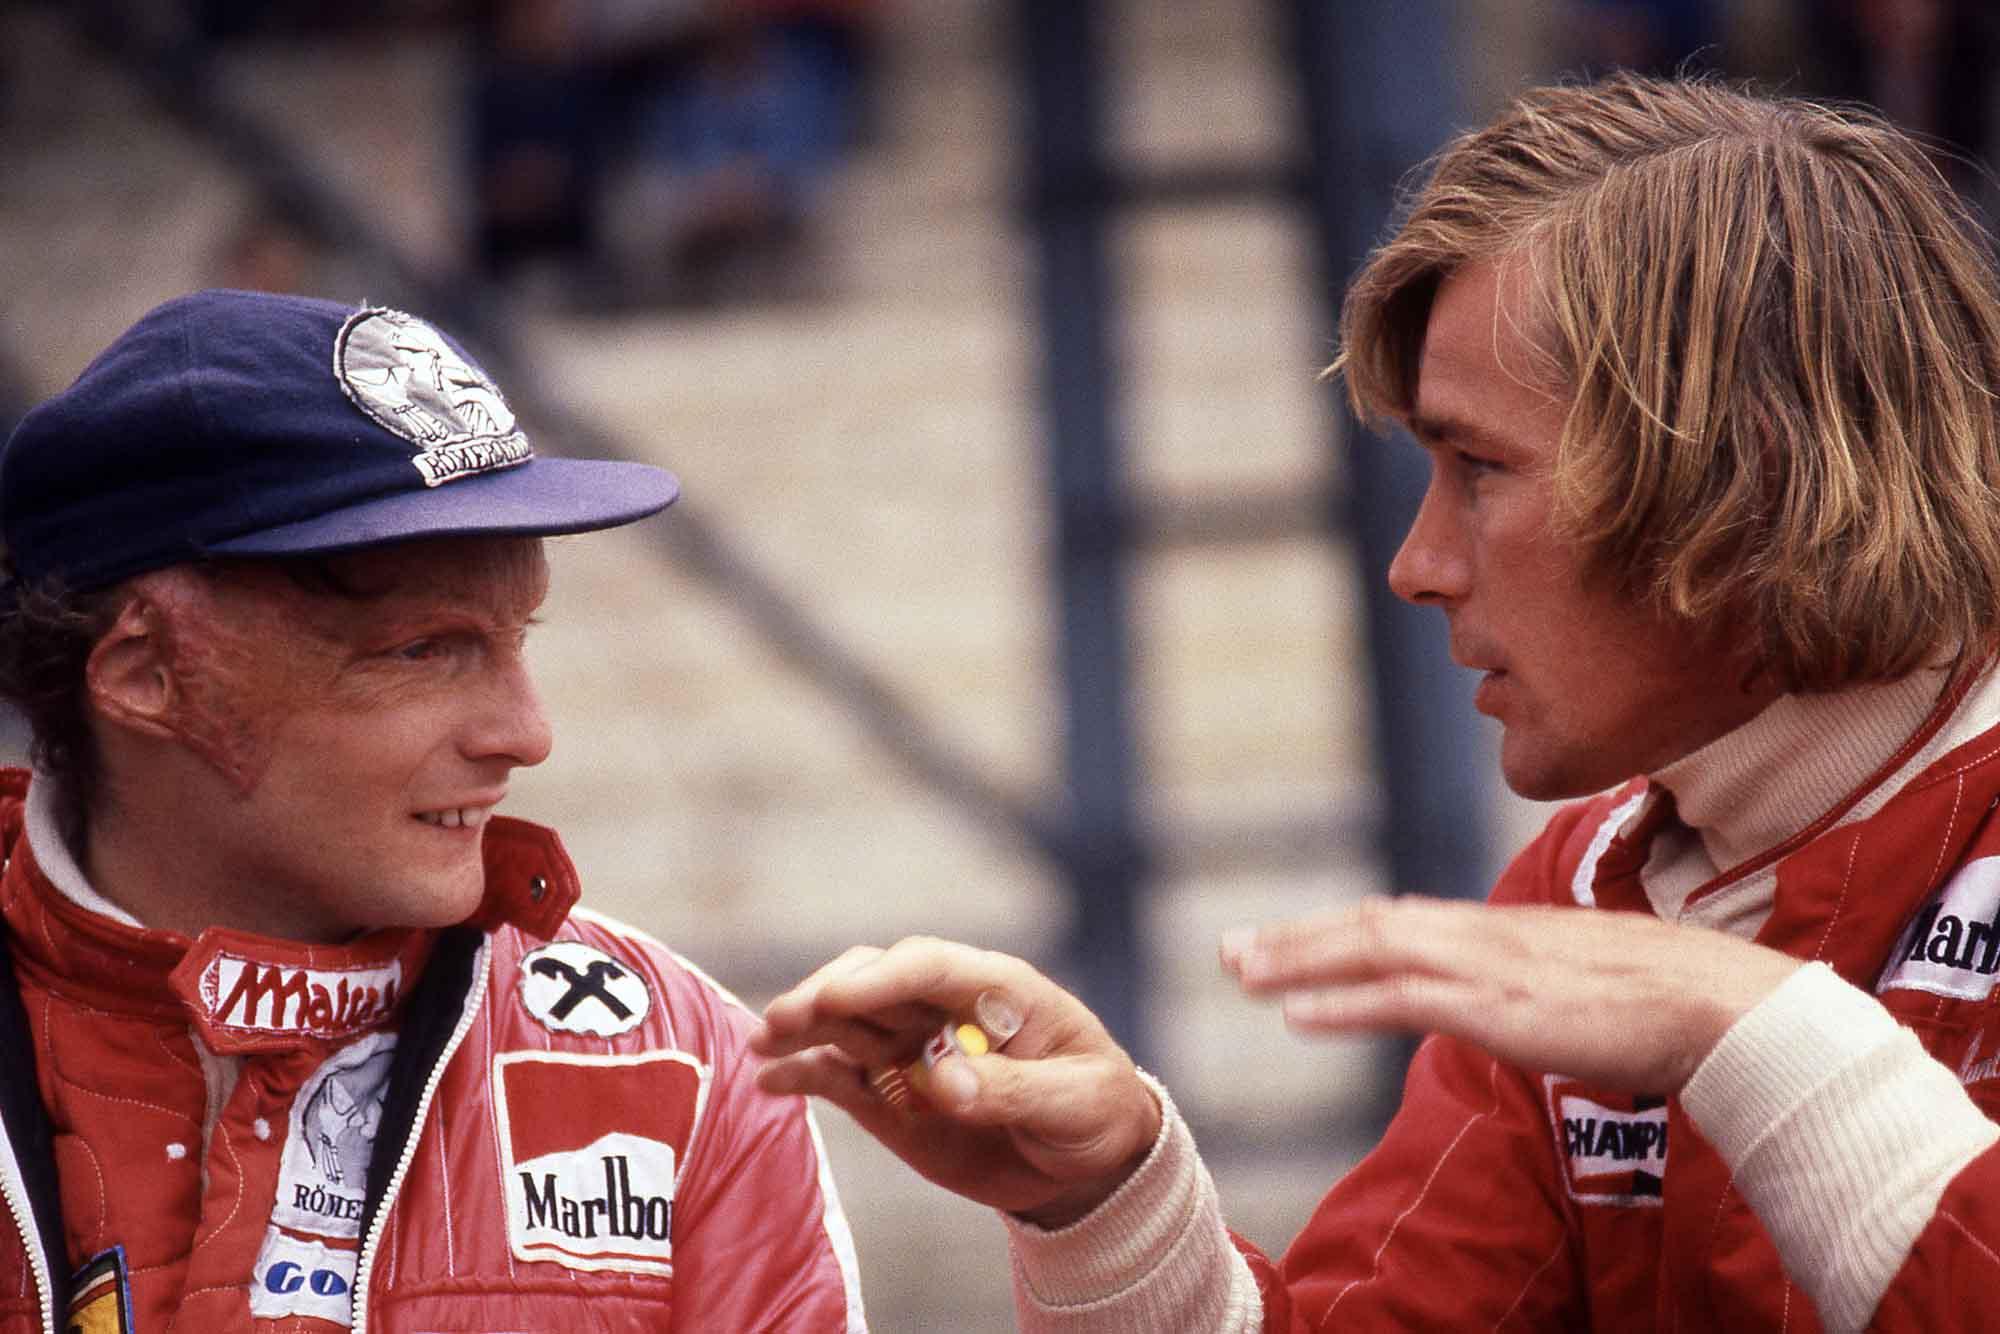 Niki Lauda of Ferrari confers with James Hunt of McLaren at 1976 Belgium Grand Prix